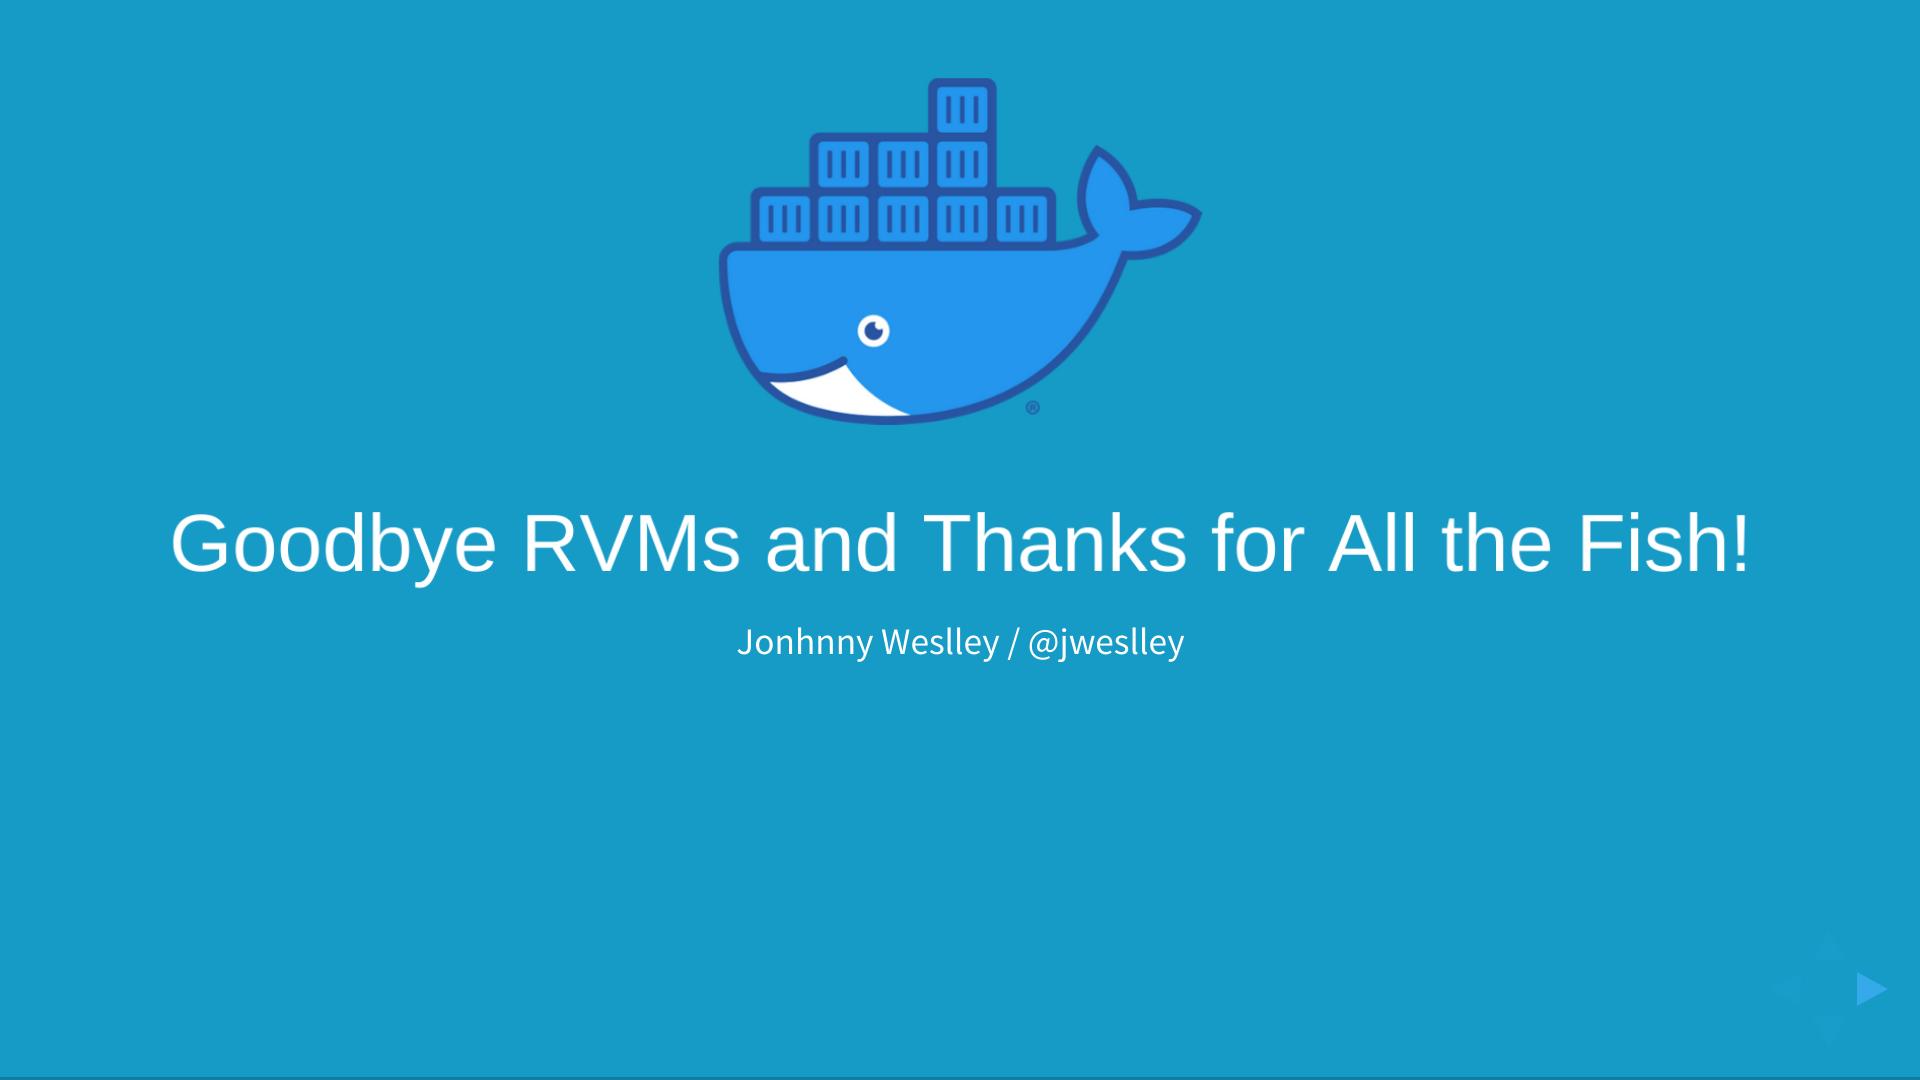 Goodbye RVMs and Thanks for All the Fish!: Desenvolvimento de aplicações Rails utilizando docker + docker-compose